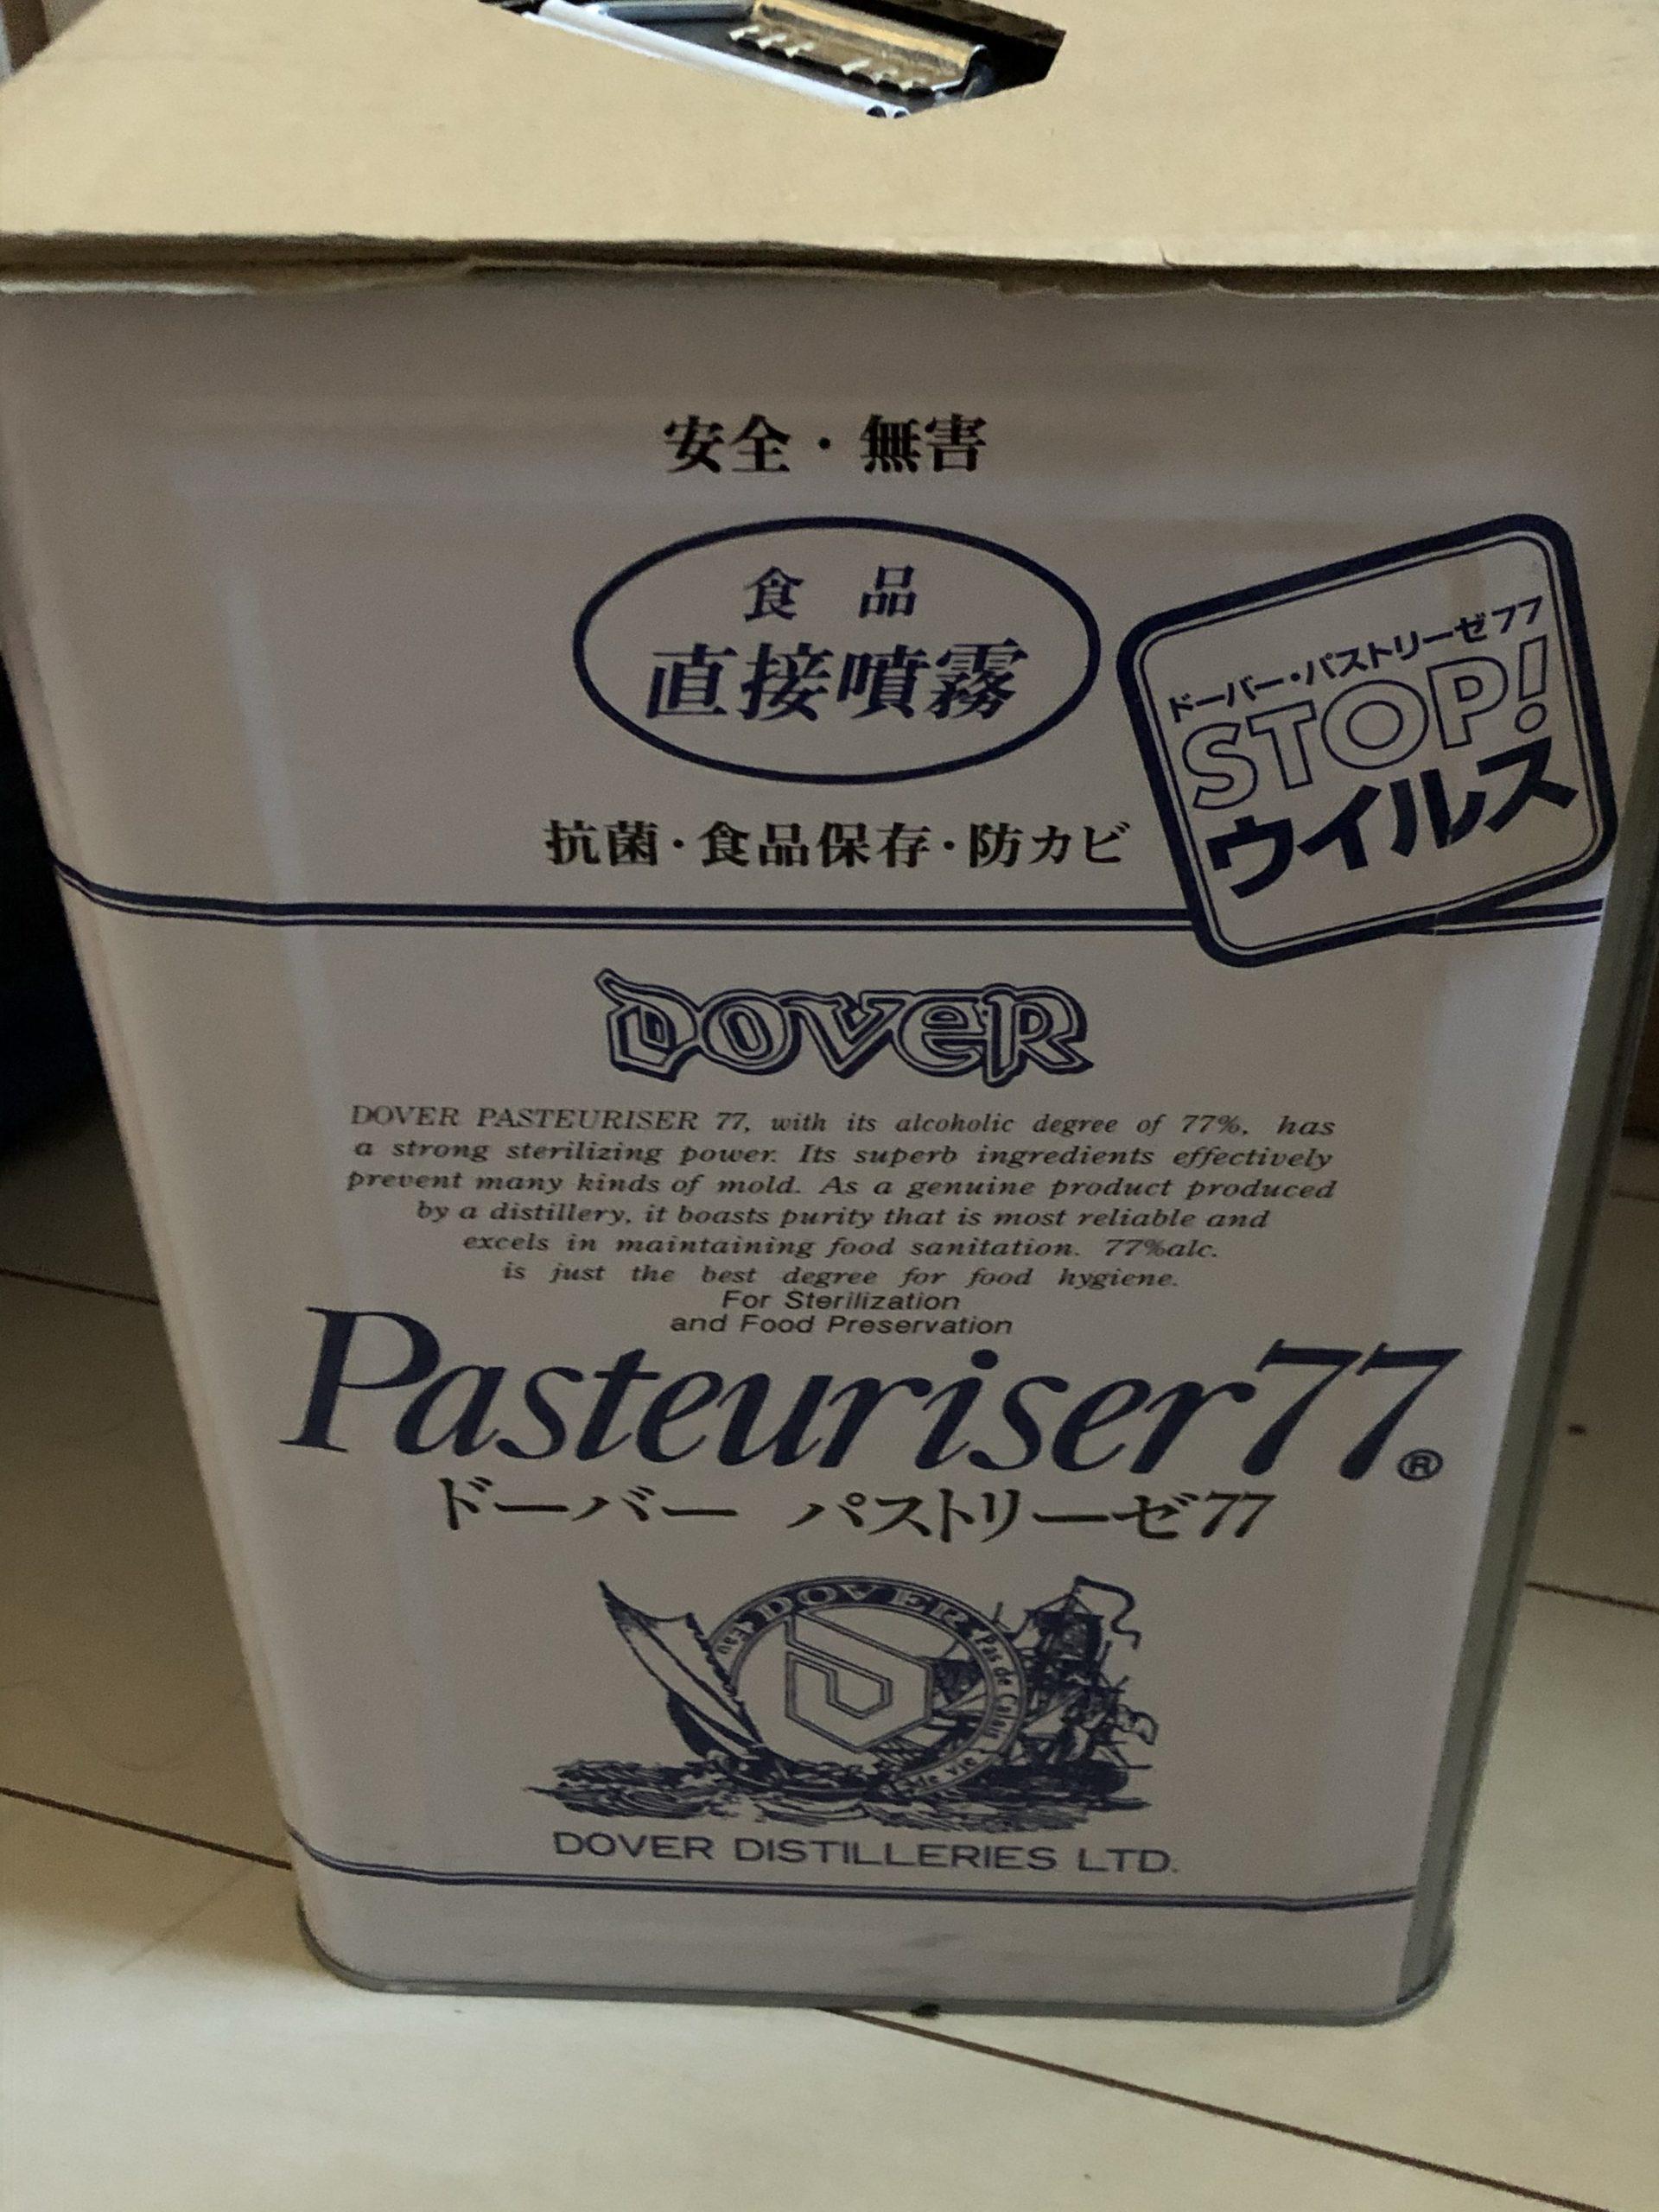 新型コロナウイルス肺炎・インフルエンザの予防に〜我が家での対策。